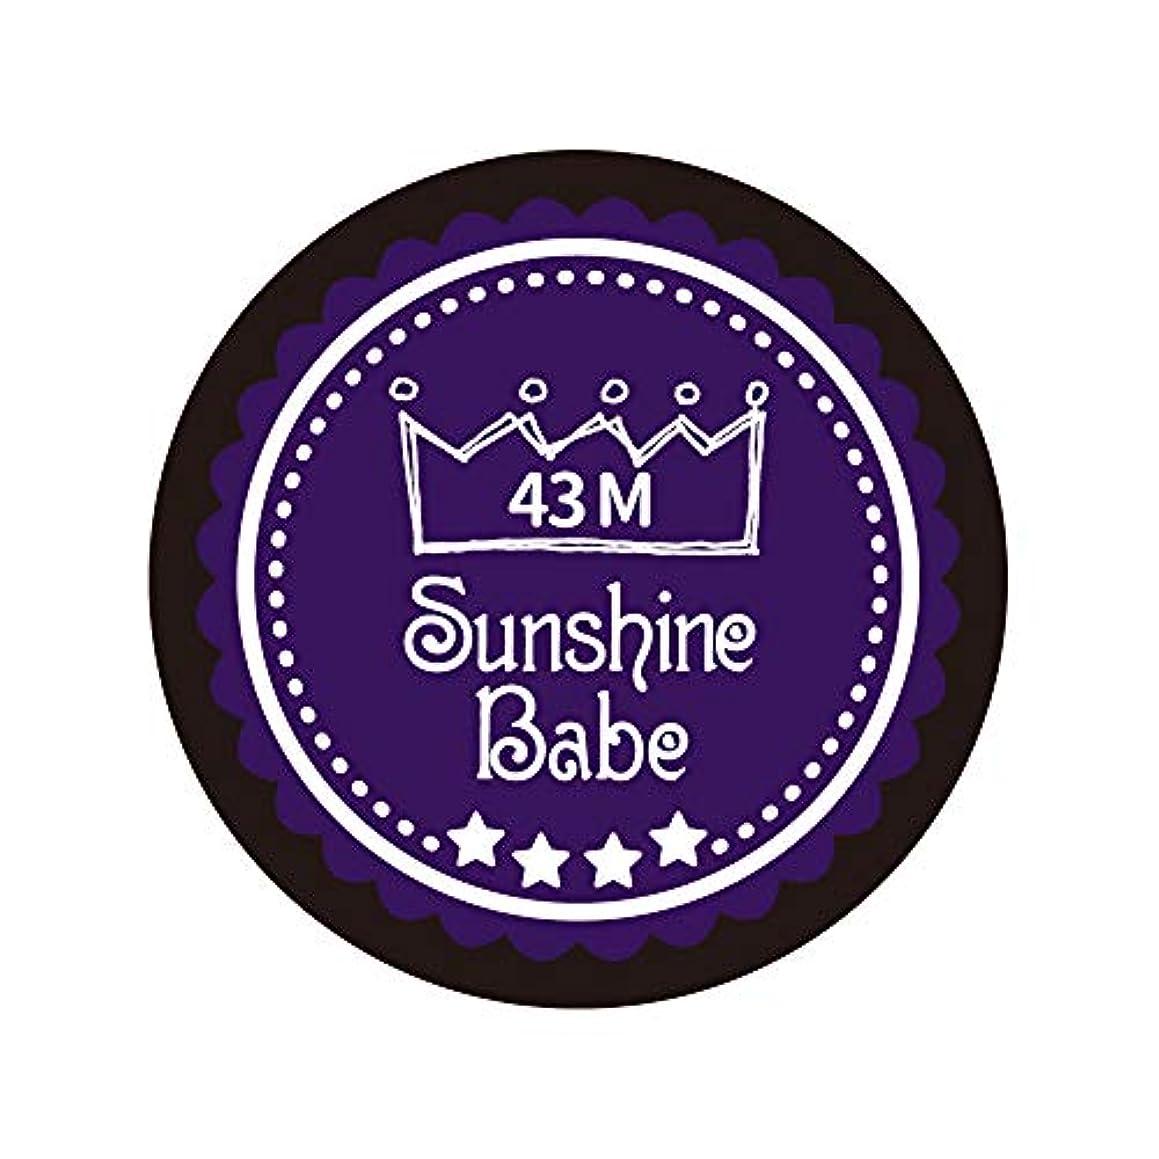 振る舞う一貫性のない代替Sunshine Babe カラージェル 43M オータムウルトラバイオレット 4g UV/LED対応